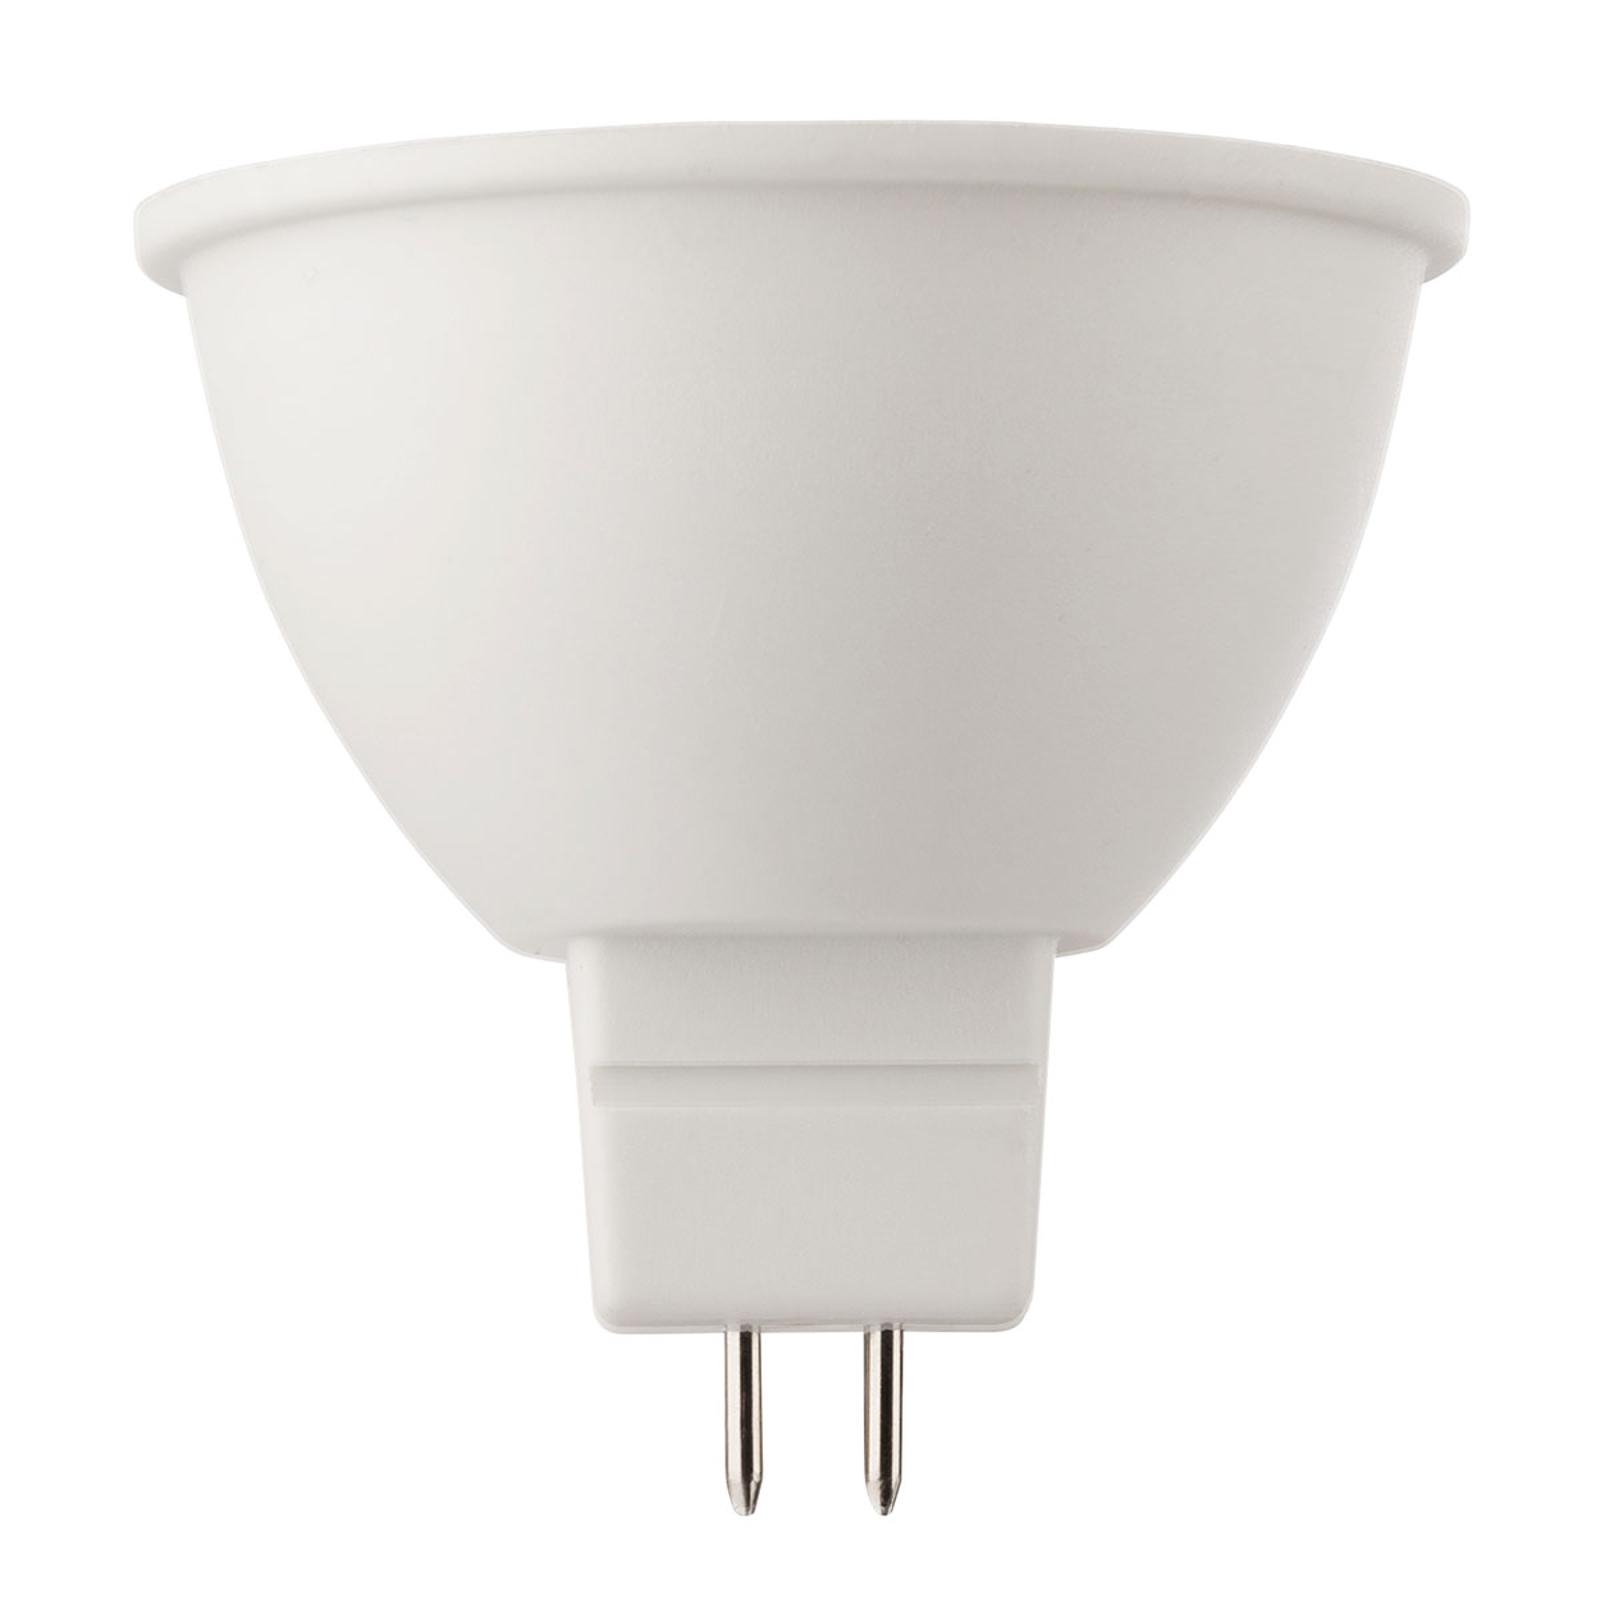 LED-Reflektor GU5,3 8W 36° universalweiß